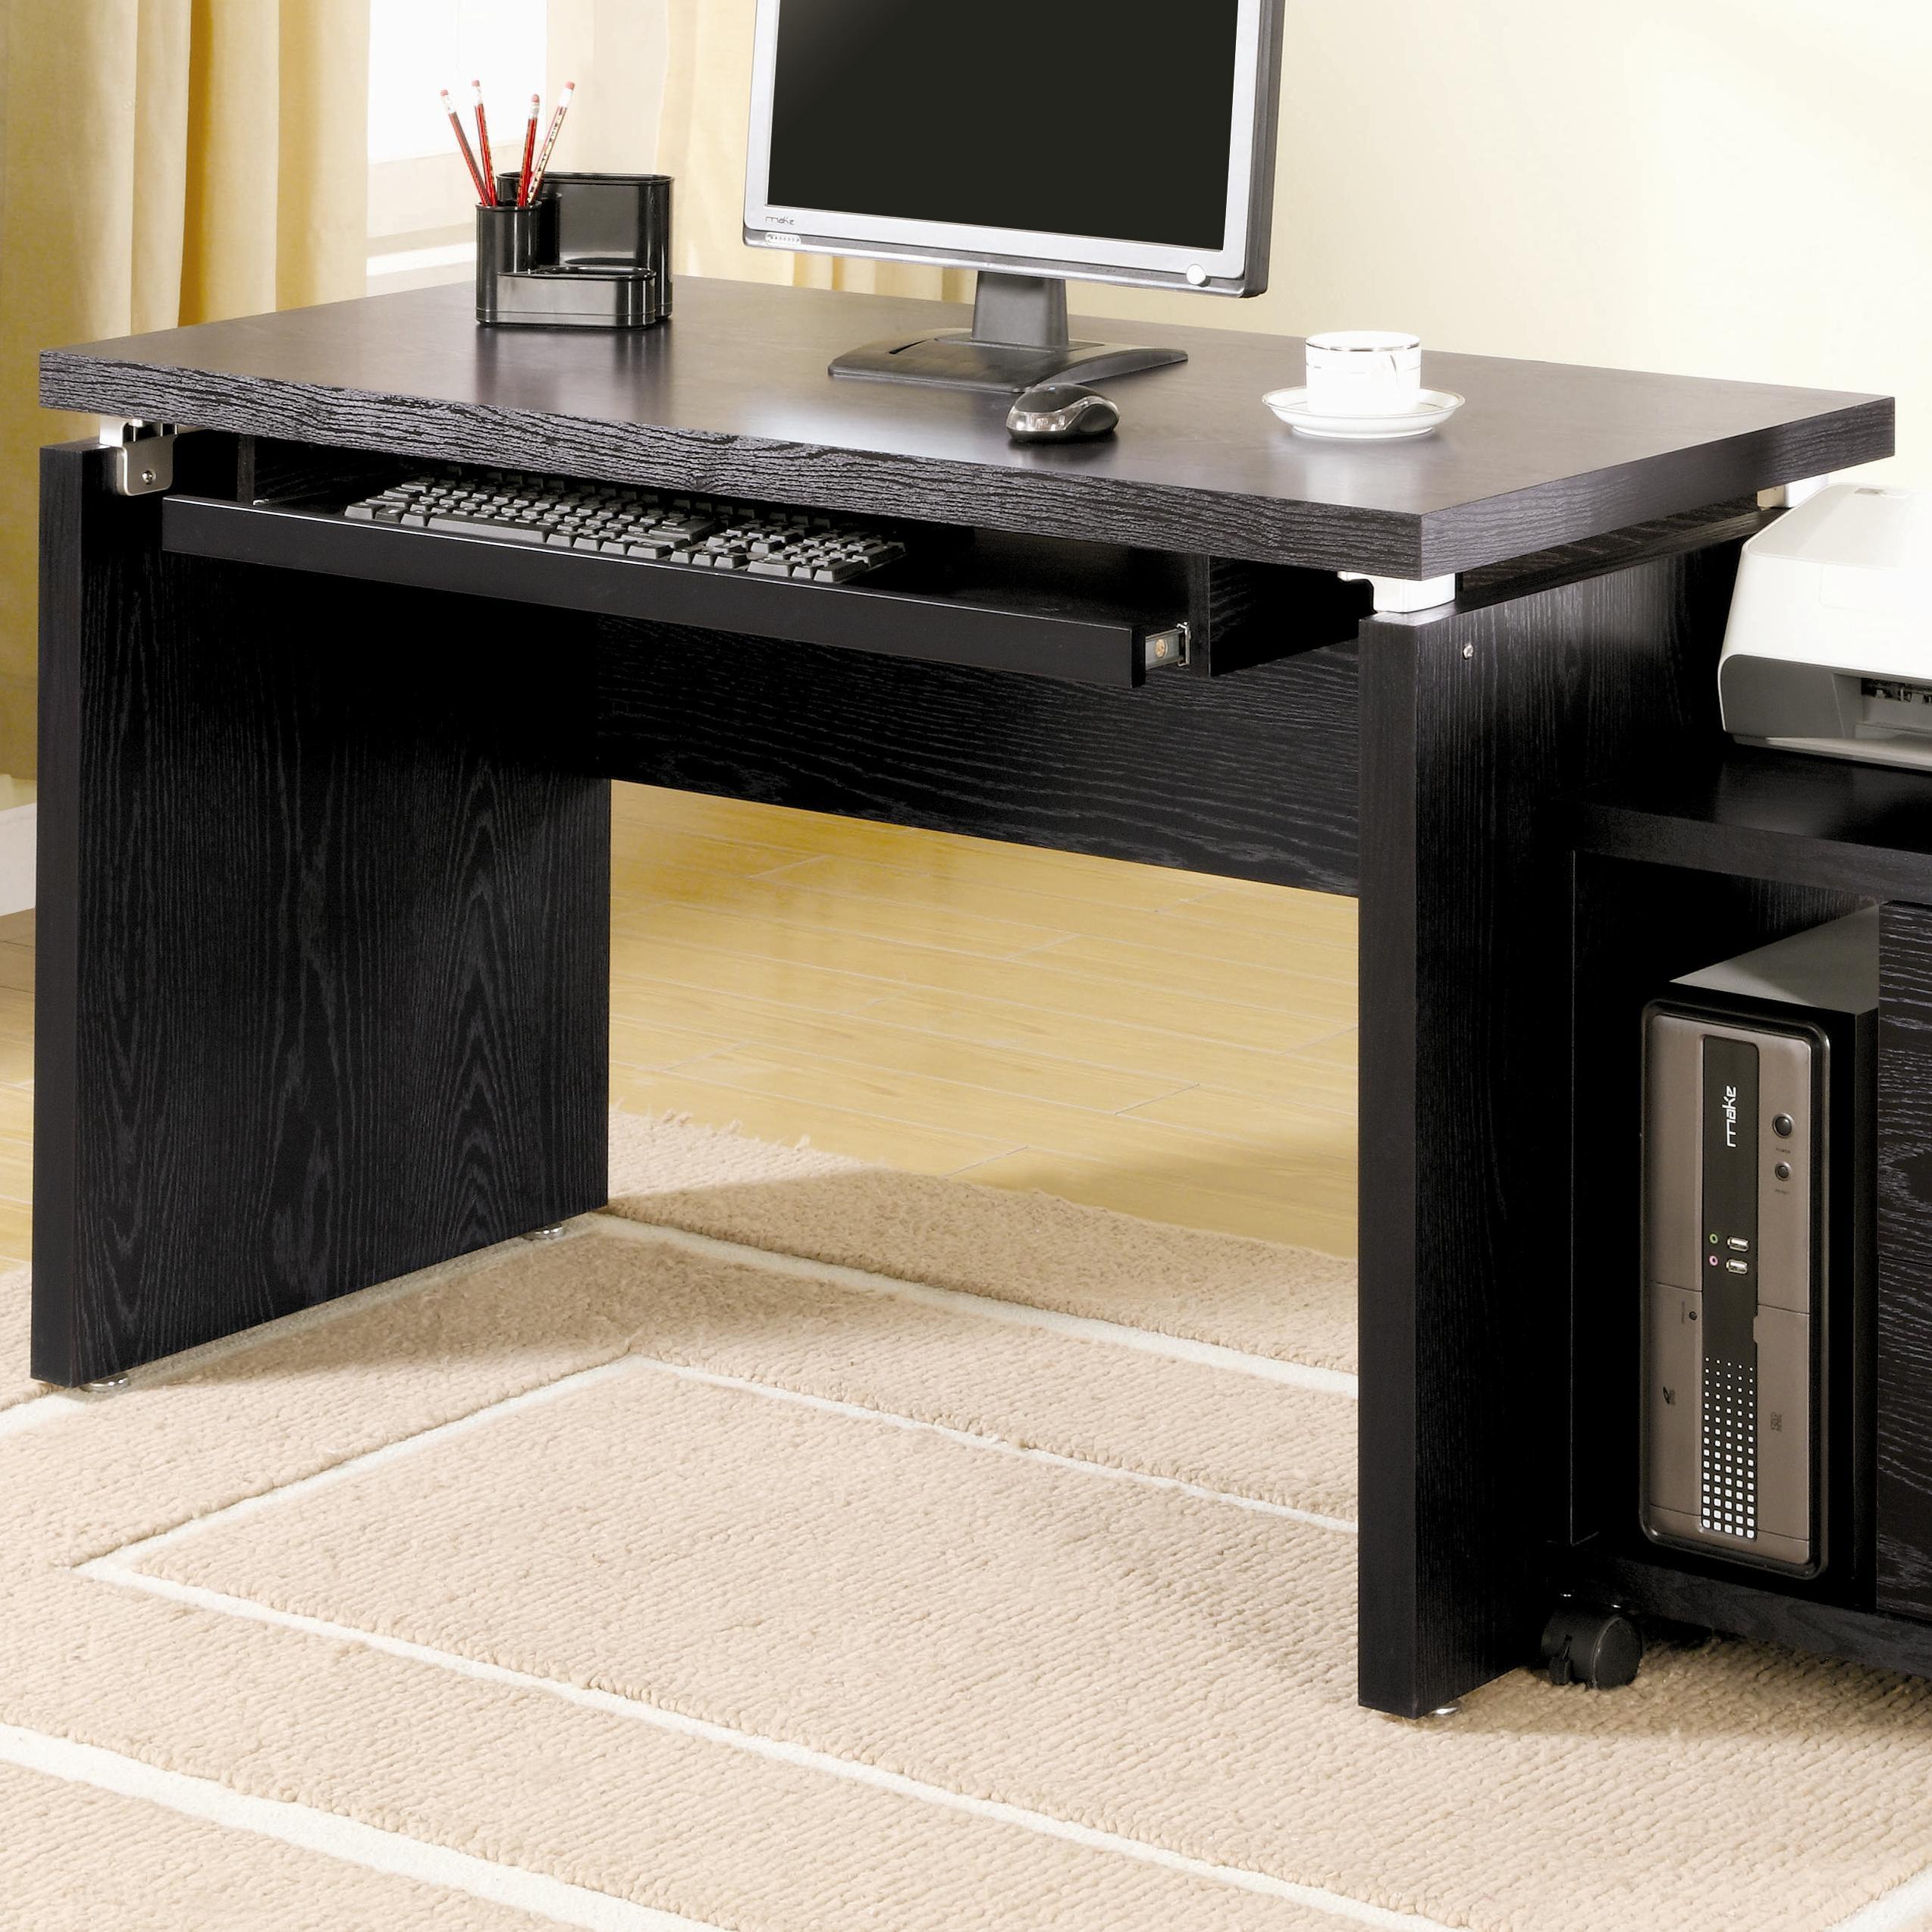 designer computer desks for home workstation coaster home office computer desk 800821 designer furniture gallery st george ut